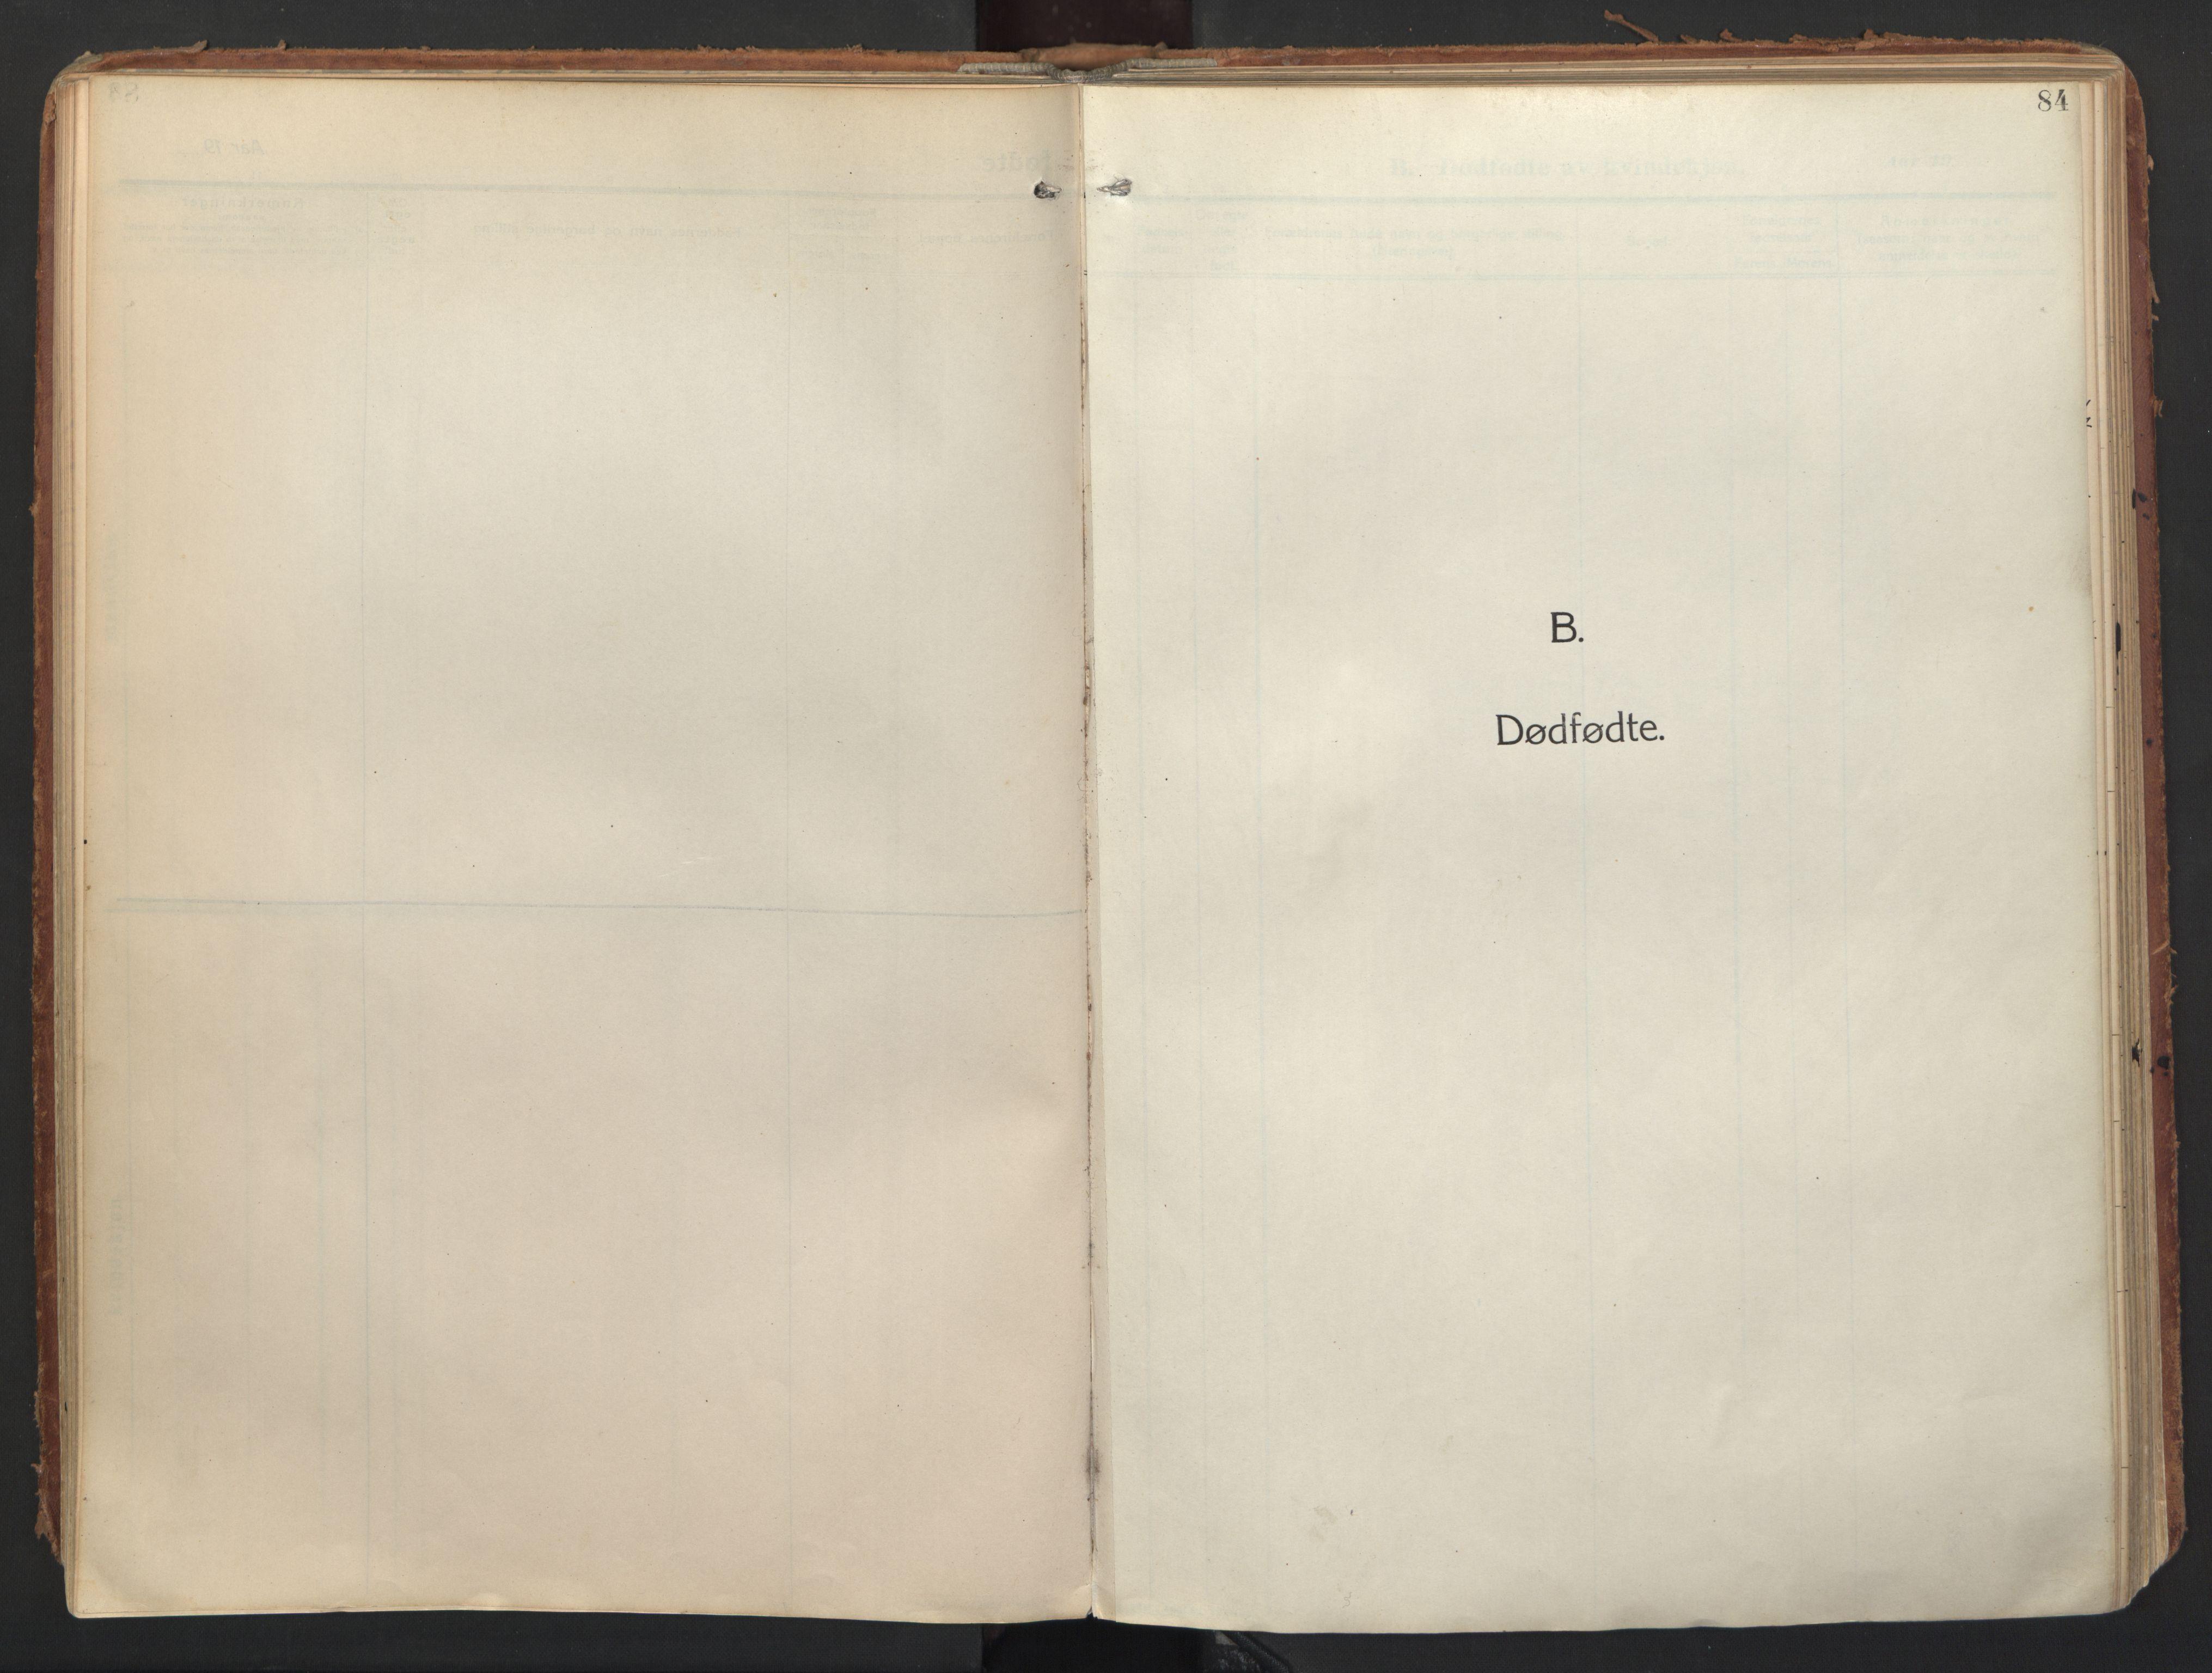 SATØ, Balsfjord sokneprestembete, Ministerialbok nr. 8, 1910-1927, s. 84